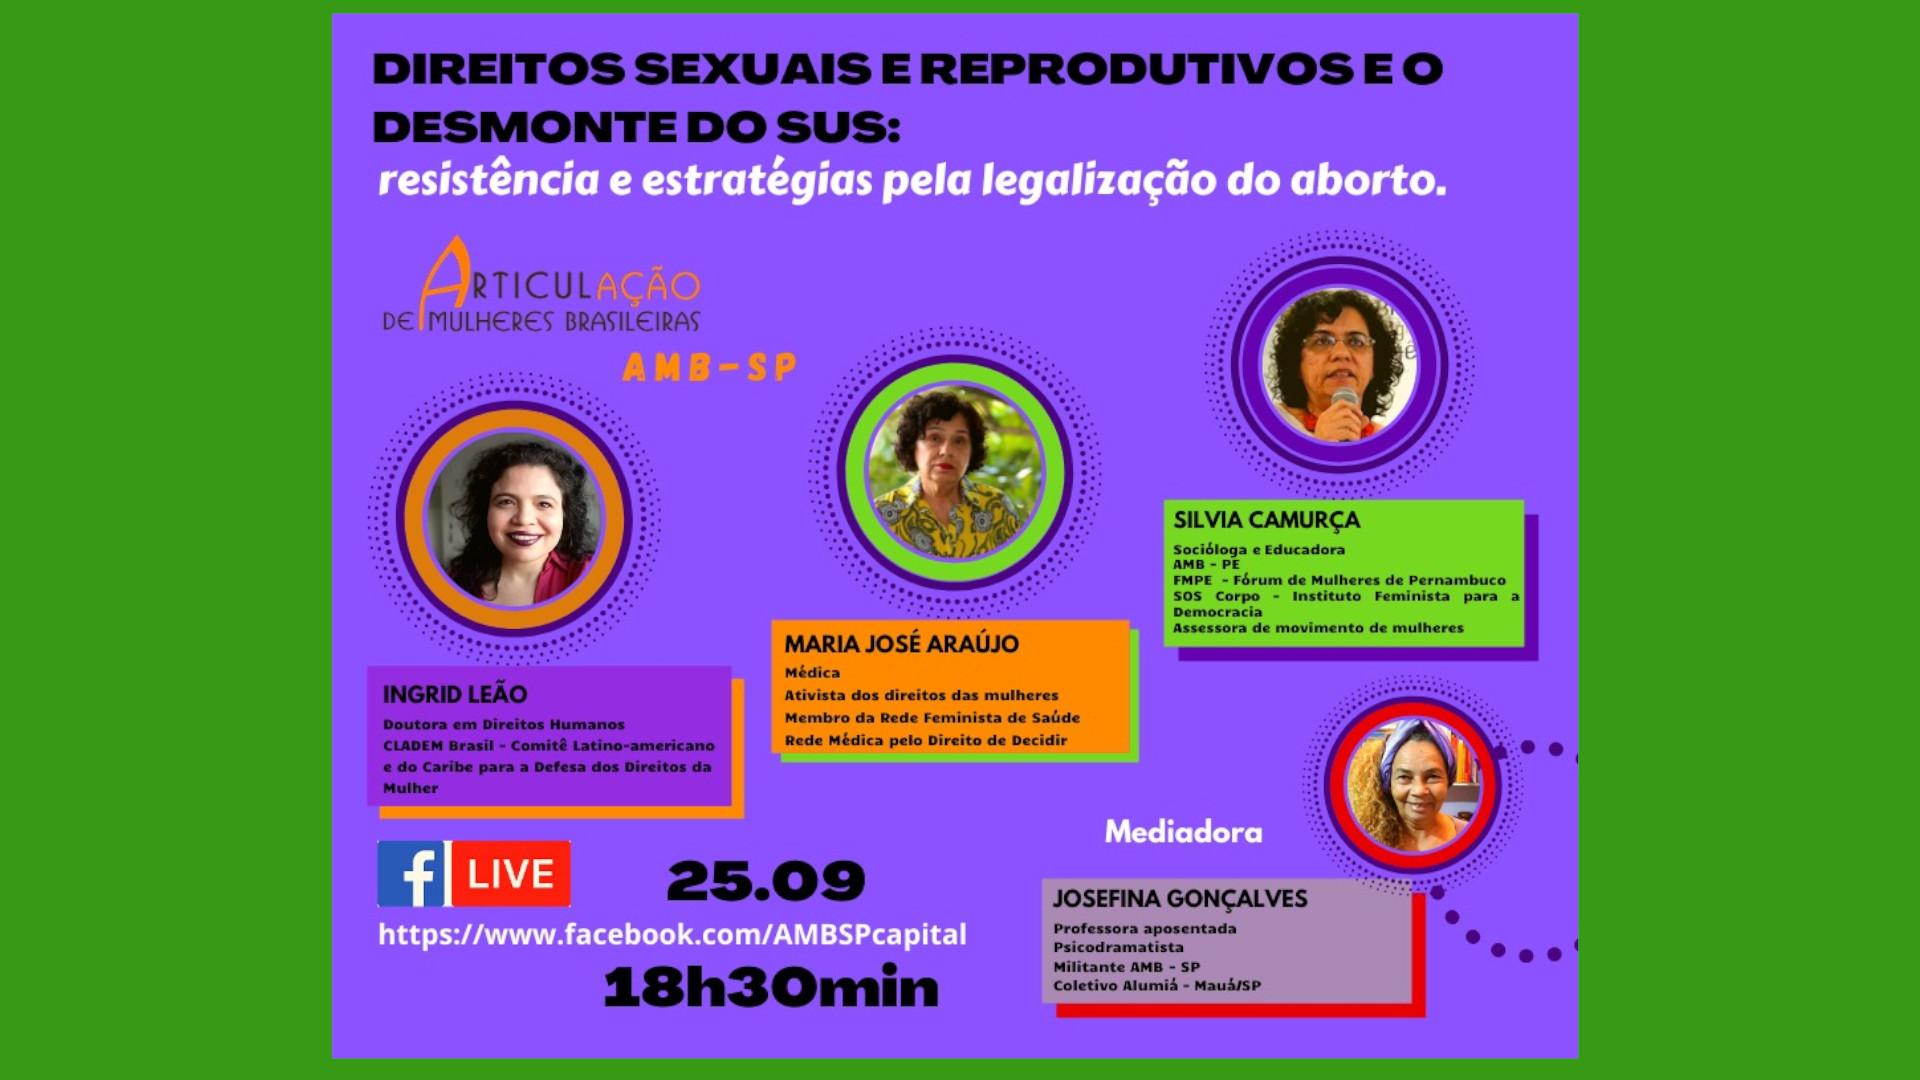 Direitos Sexuais e Reprodutivos e o desmonte do SUS